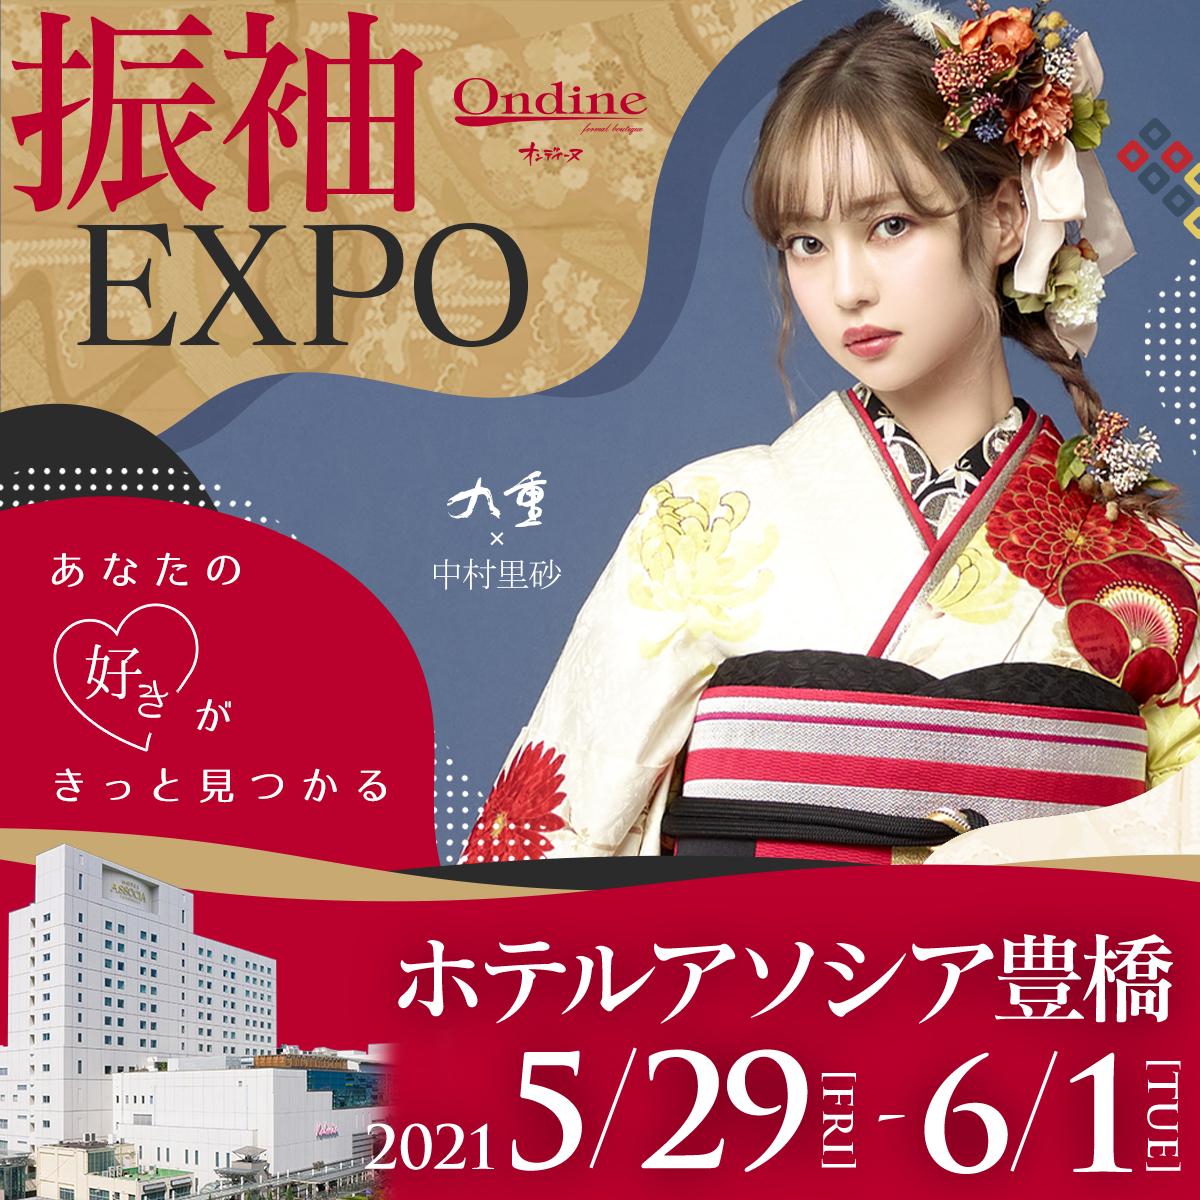 【振袖EXPO】特別な4日間!ホテルアソシア豊橋で運命の一着が見つかる♪